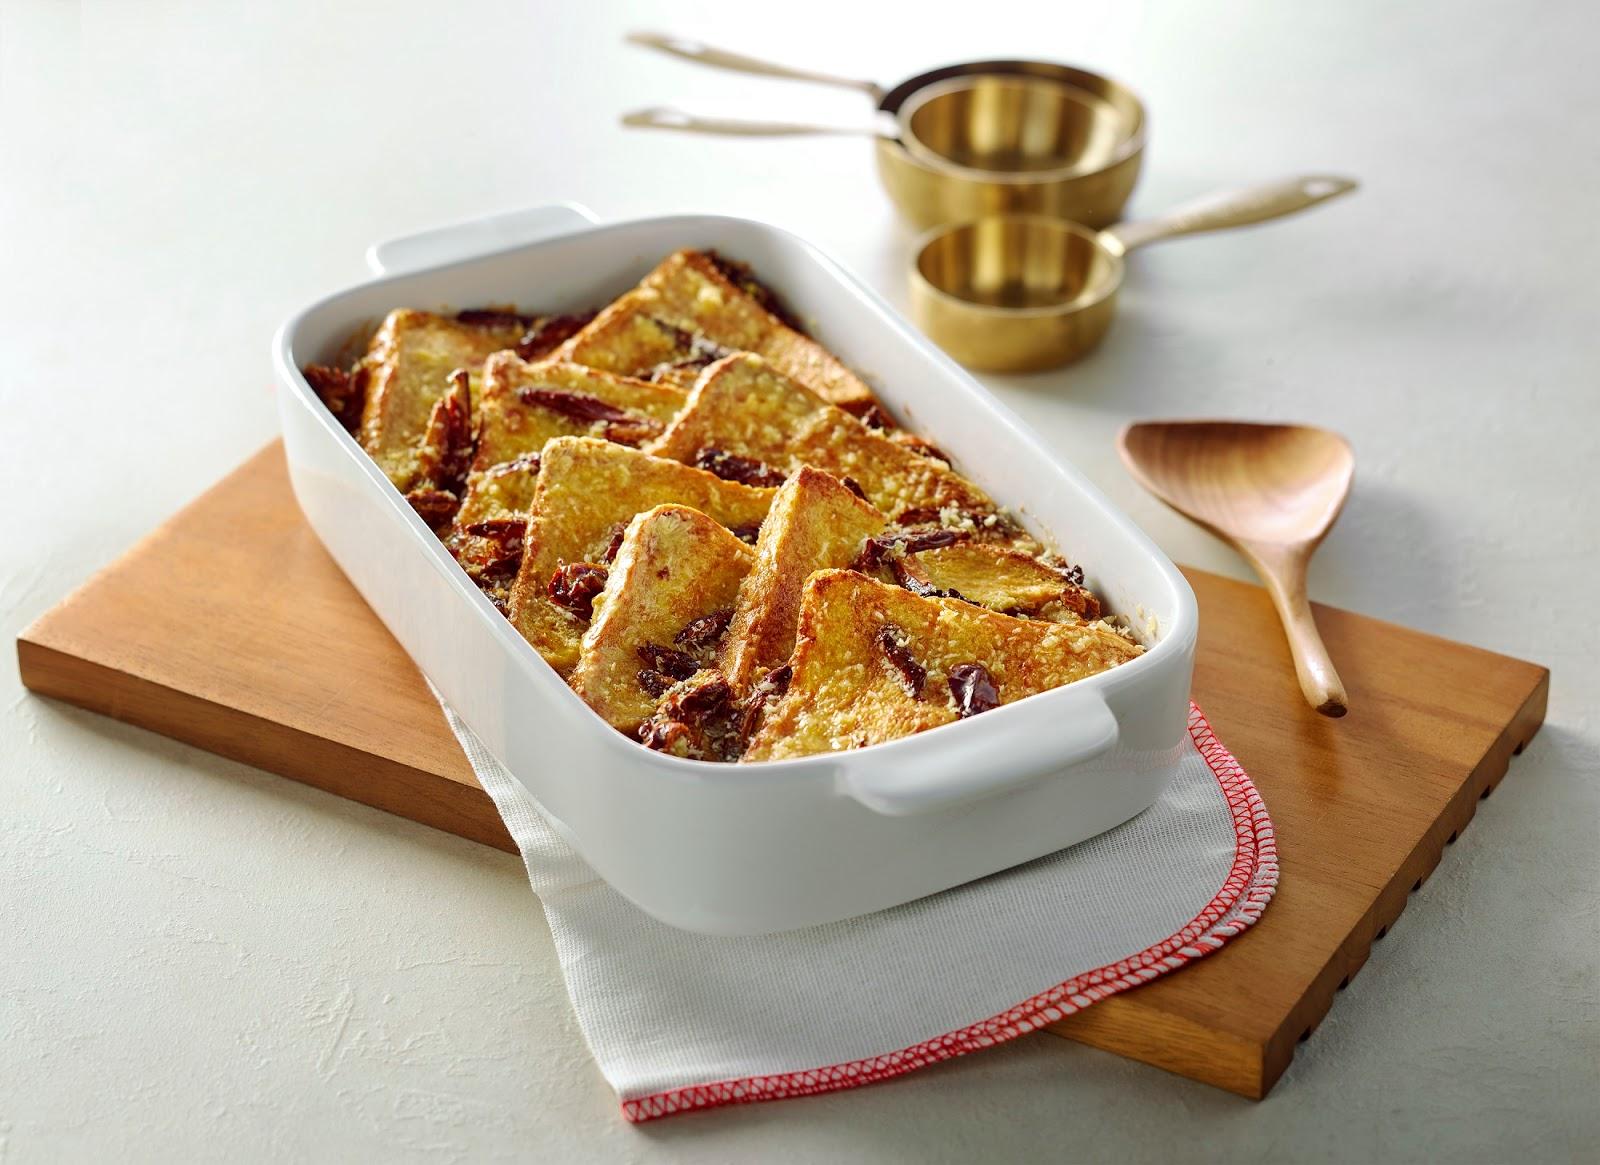 Resepi Ramadan Yang Sedap, Cepat & Mudah daripada Ayam Brand™